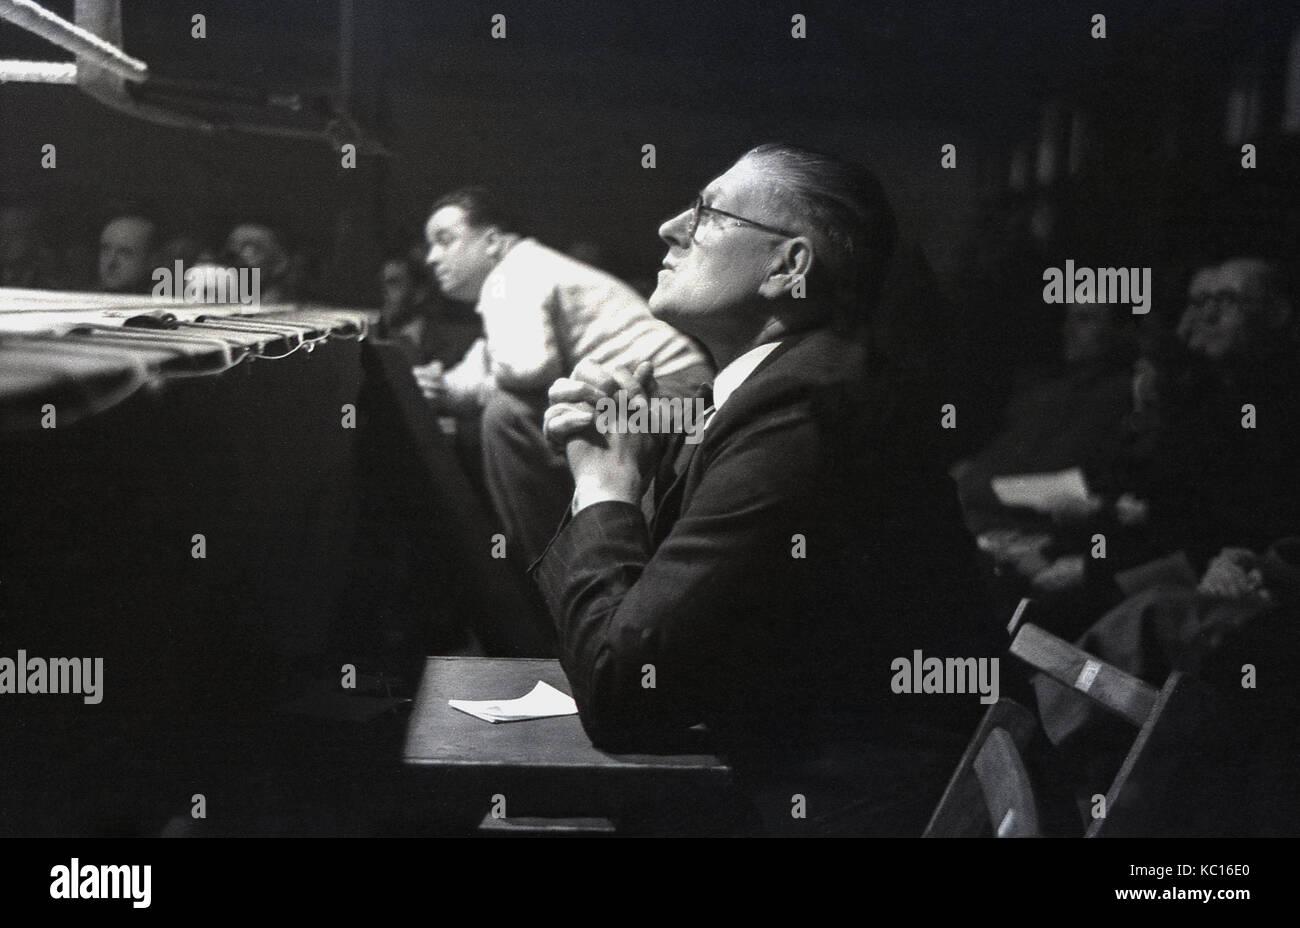 Années 1960, historiques, homme juge siège du ring en regardant l'action en un match de boxe, England, Photo Stock